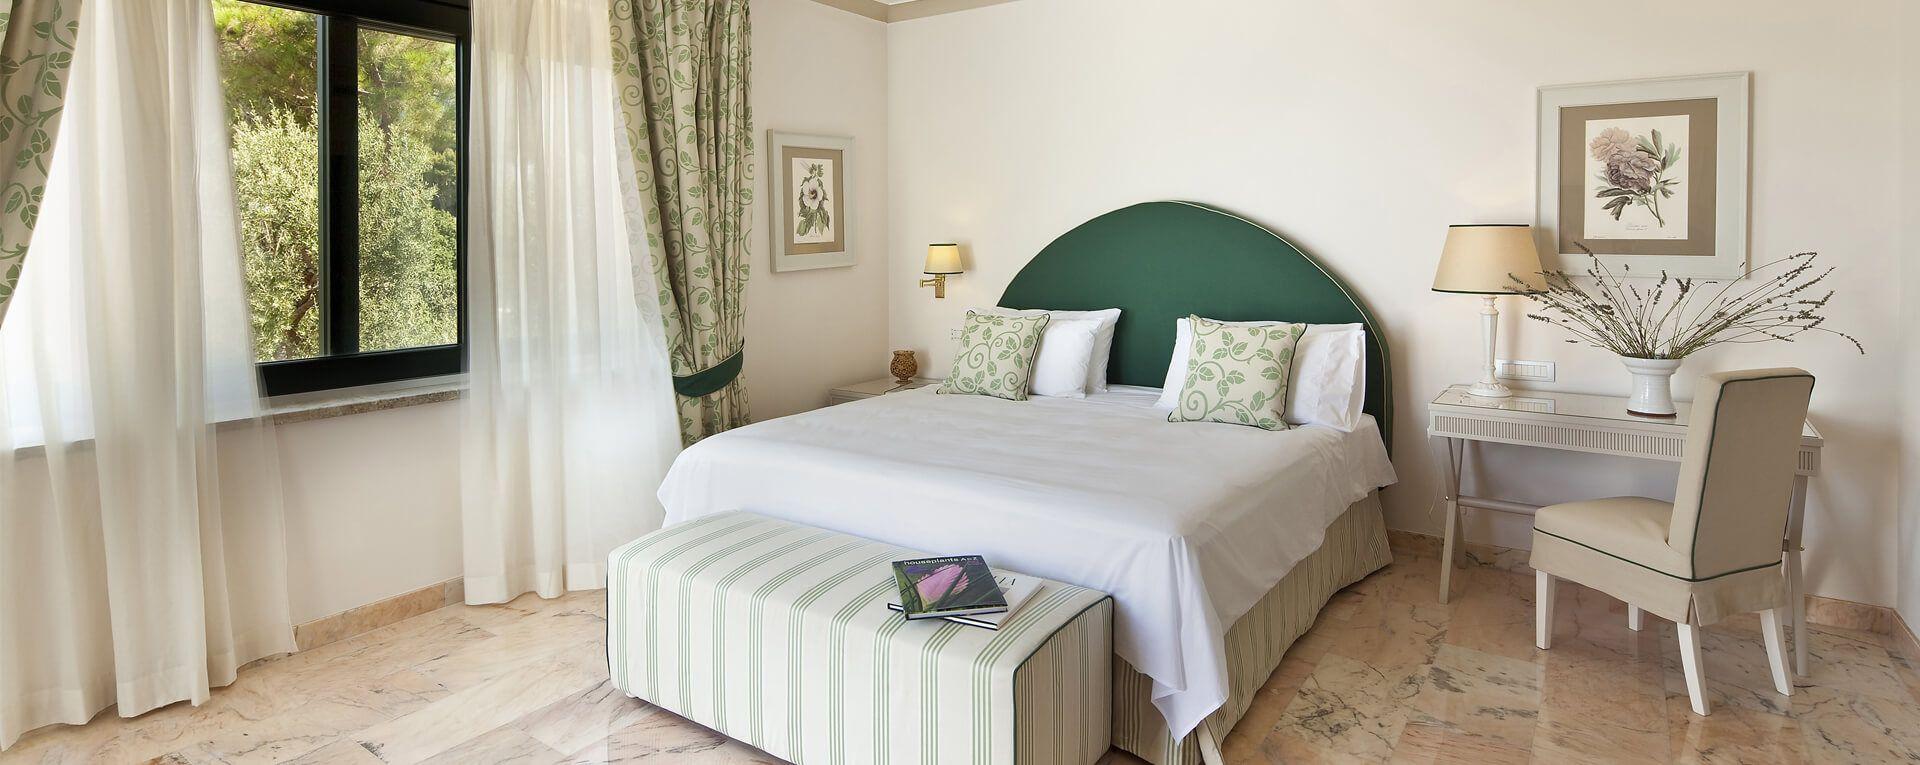 Garden & Villas Resort Ischia